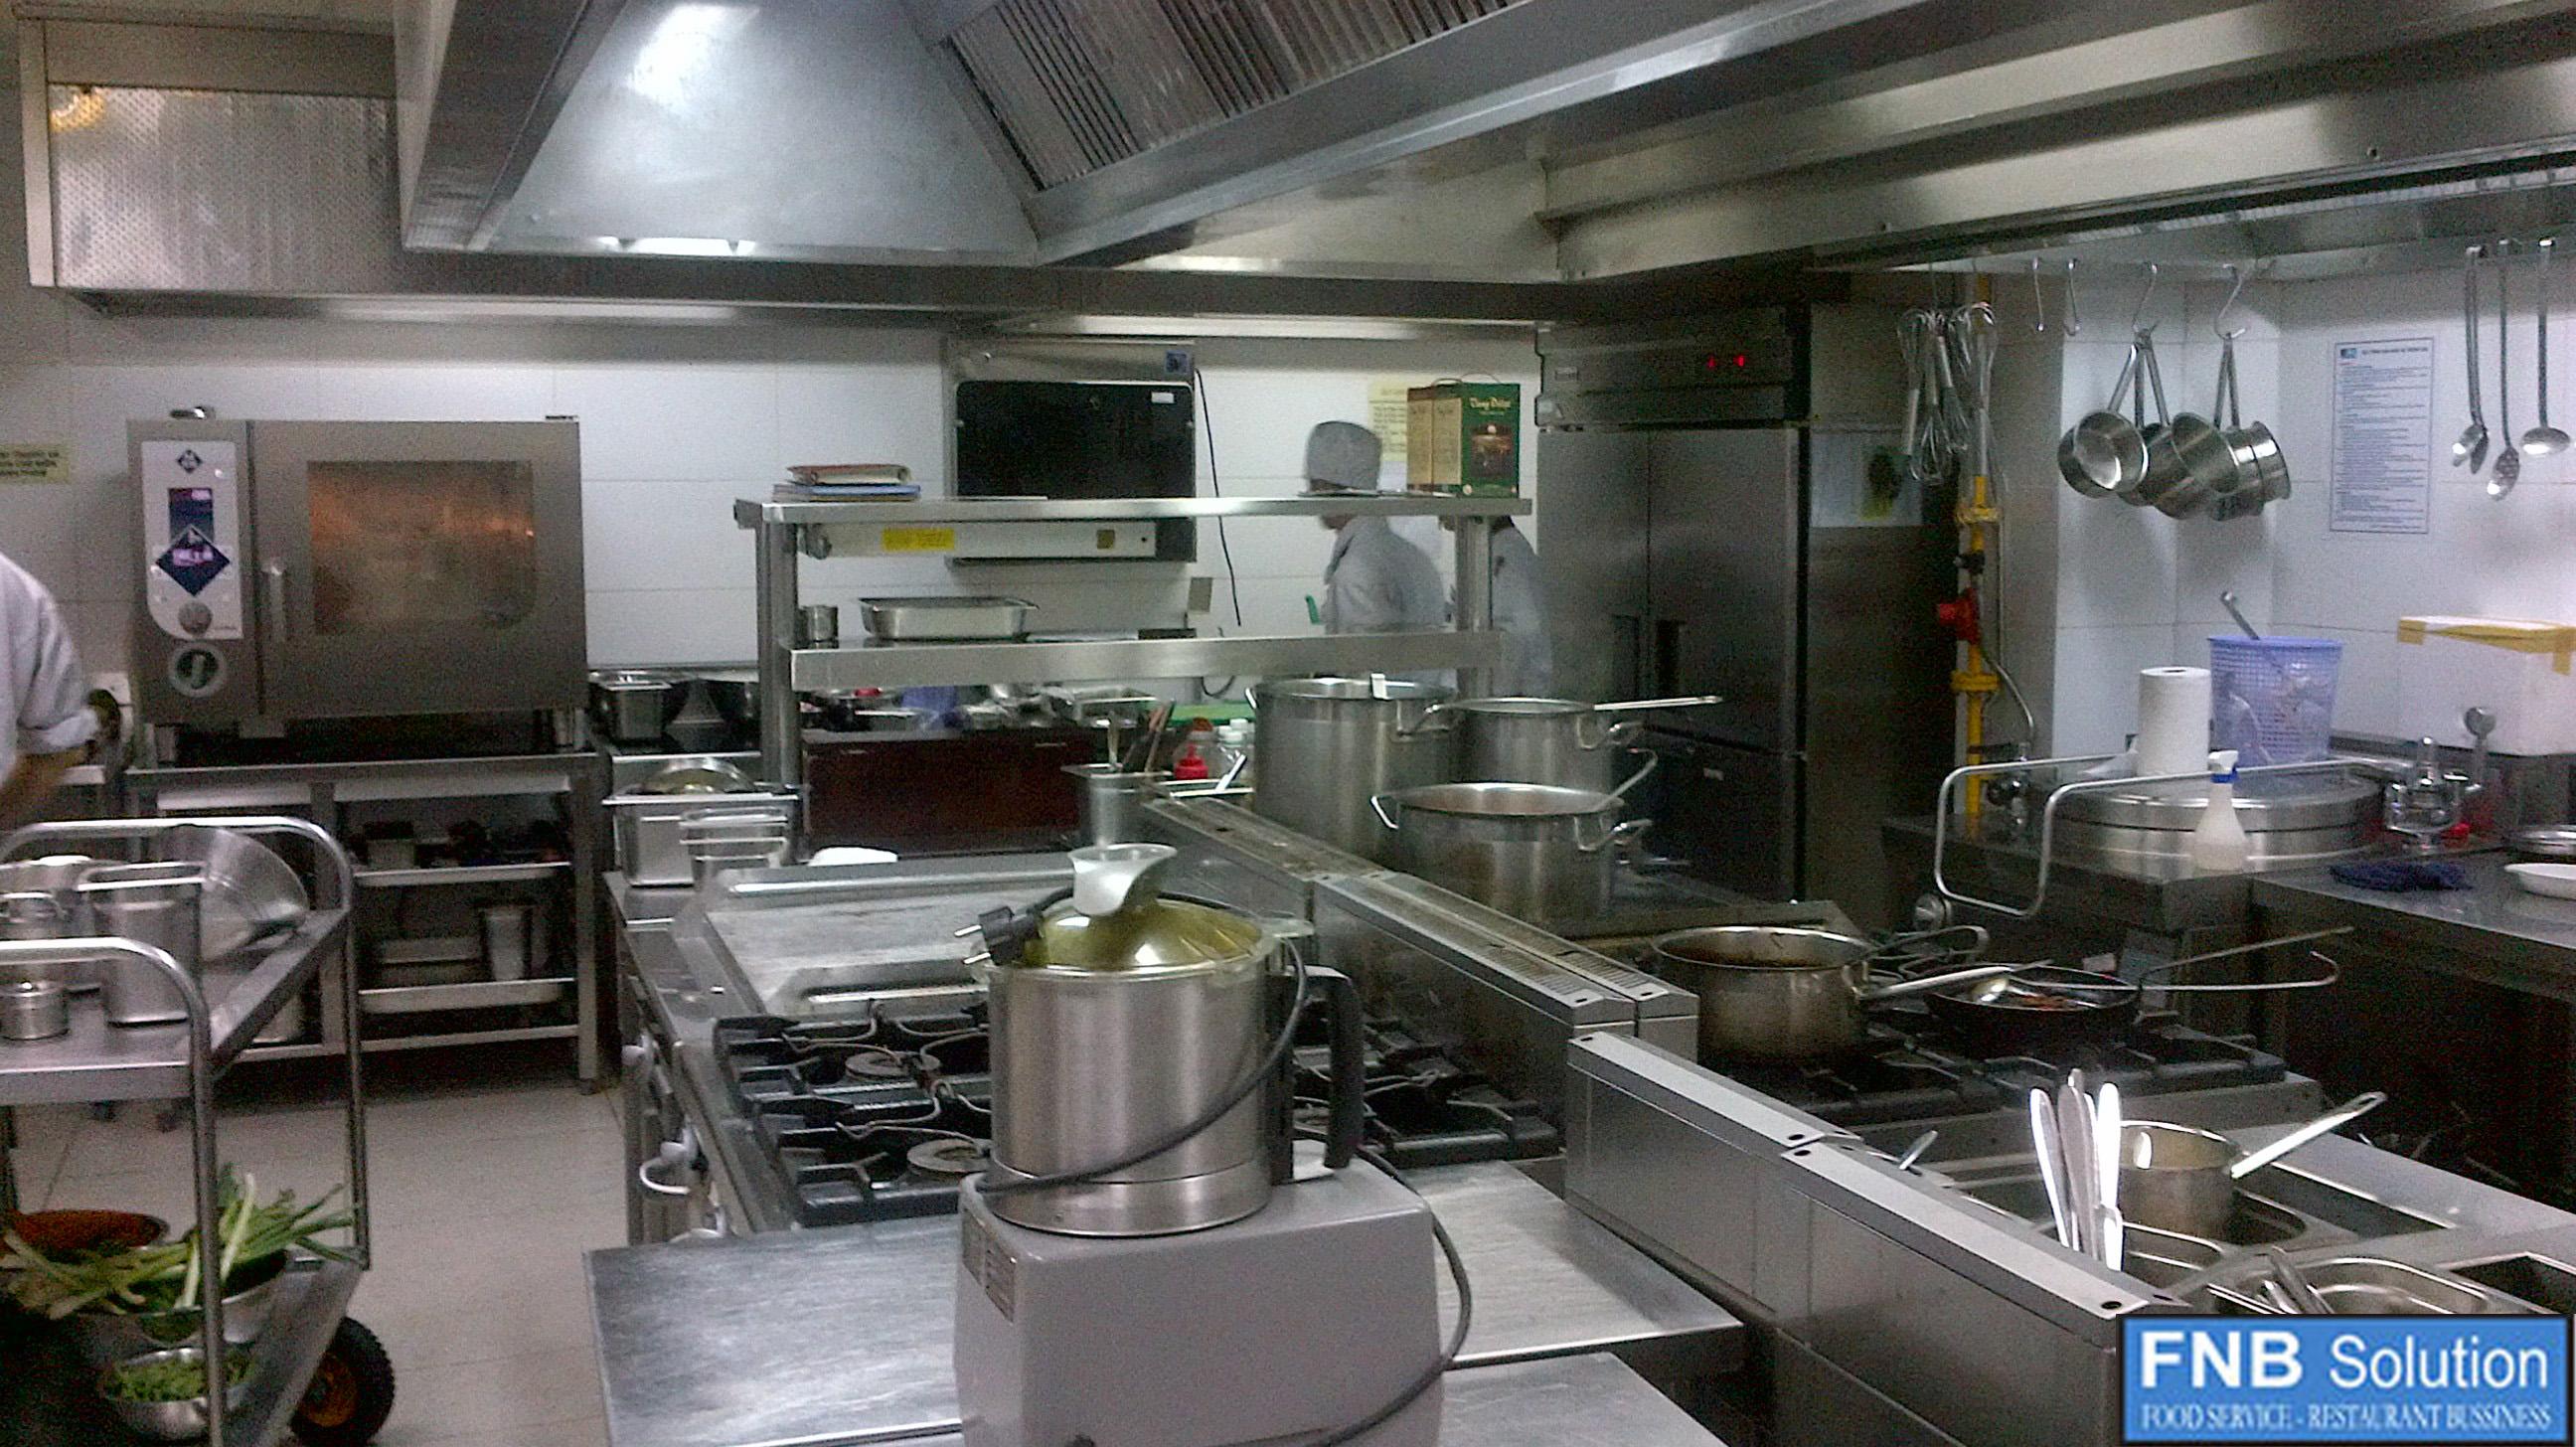 Tư vấn lựa chọn nhà cung cấp tủ nấu cơm công nghiệp tốt nhất cho nhà hàng khách sạn